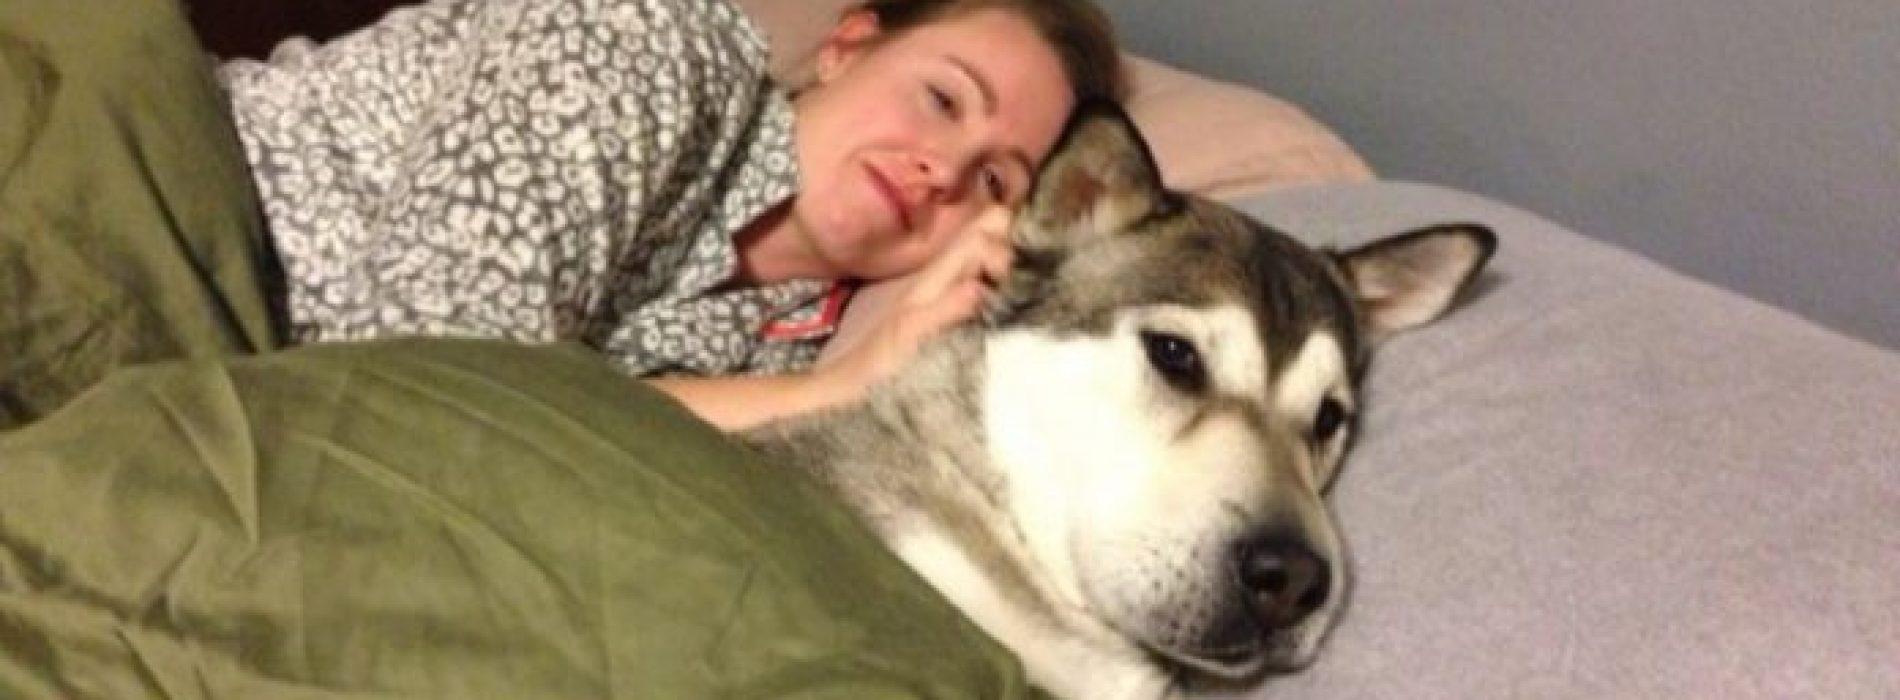 Honden horen niet in bed thuis?! Na het lezen van dit artikel, zal je blij zijn dat je altijd je hond bij je hebt